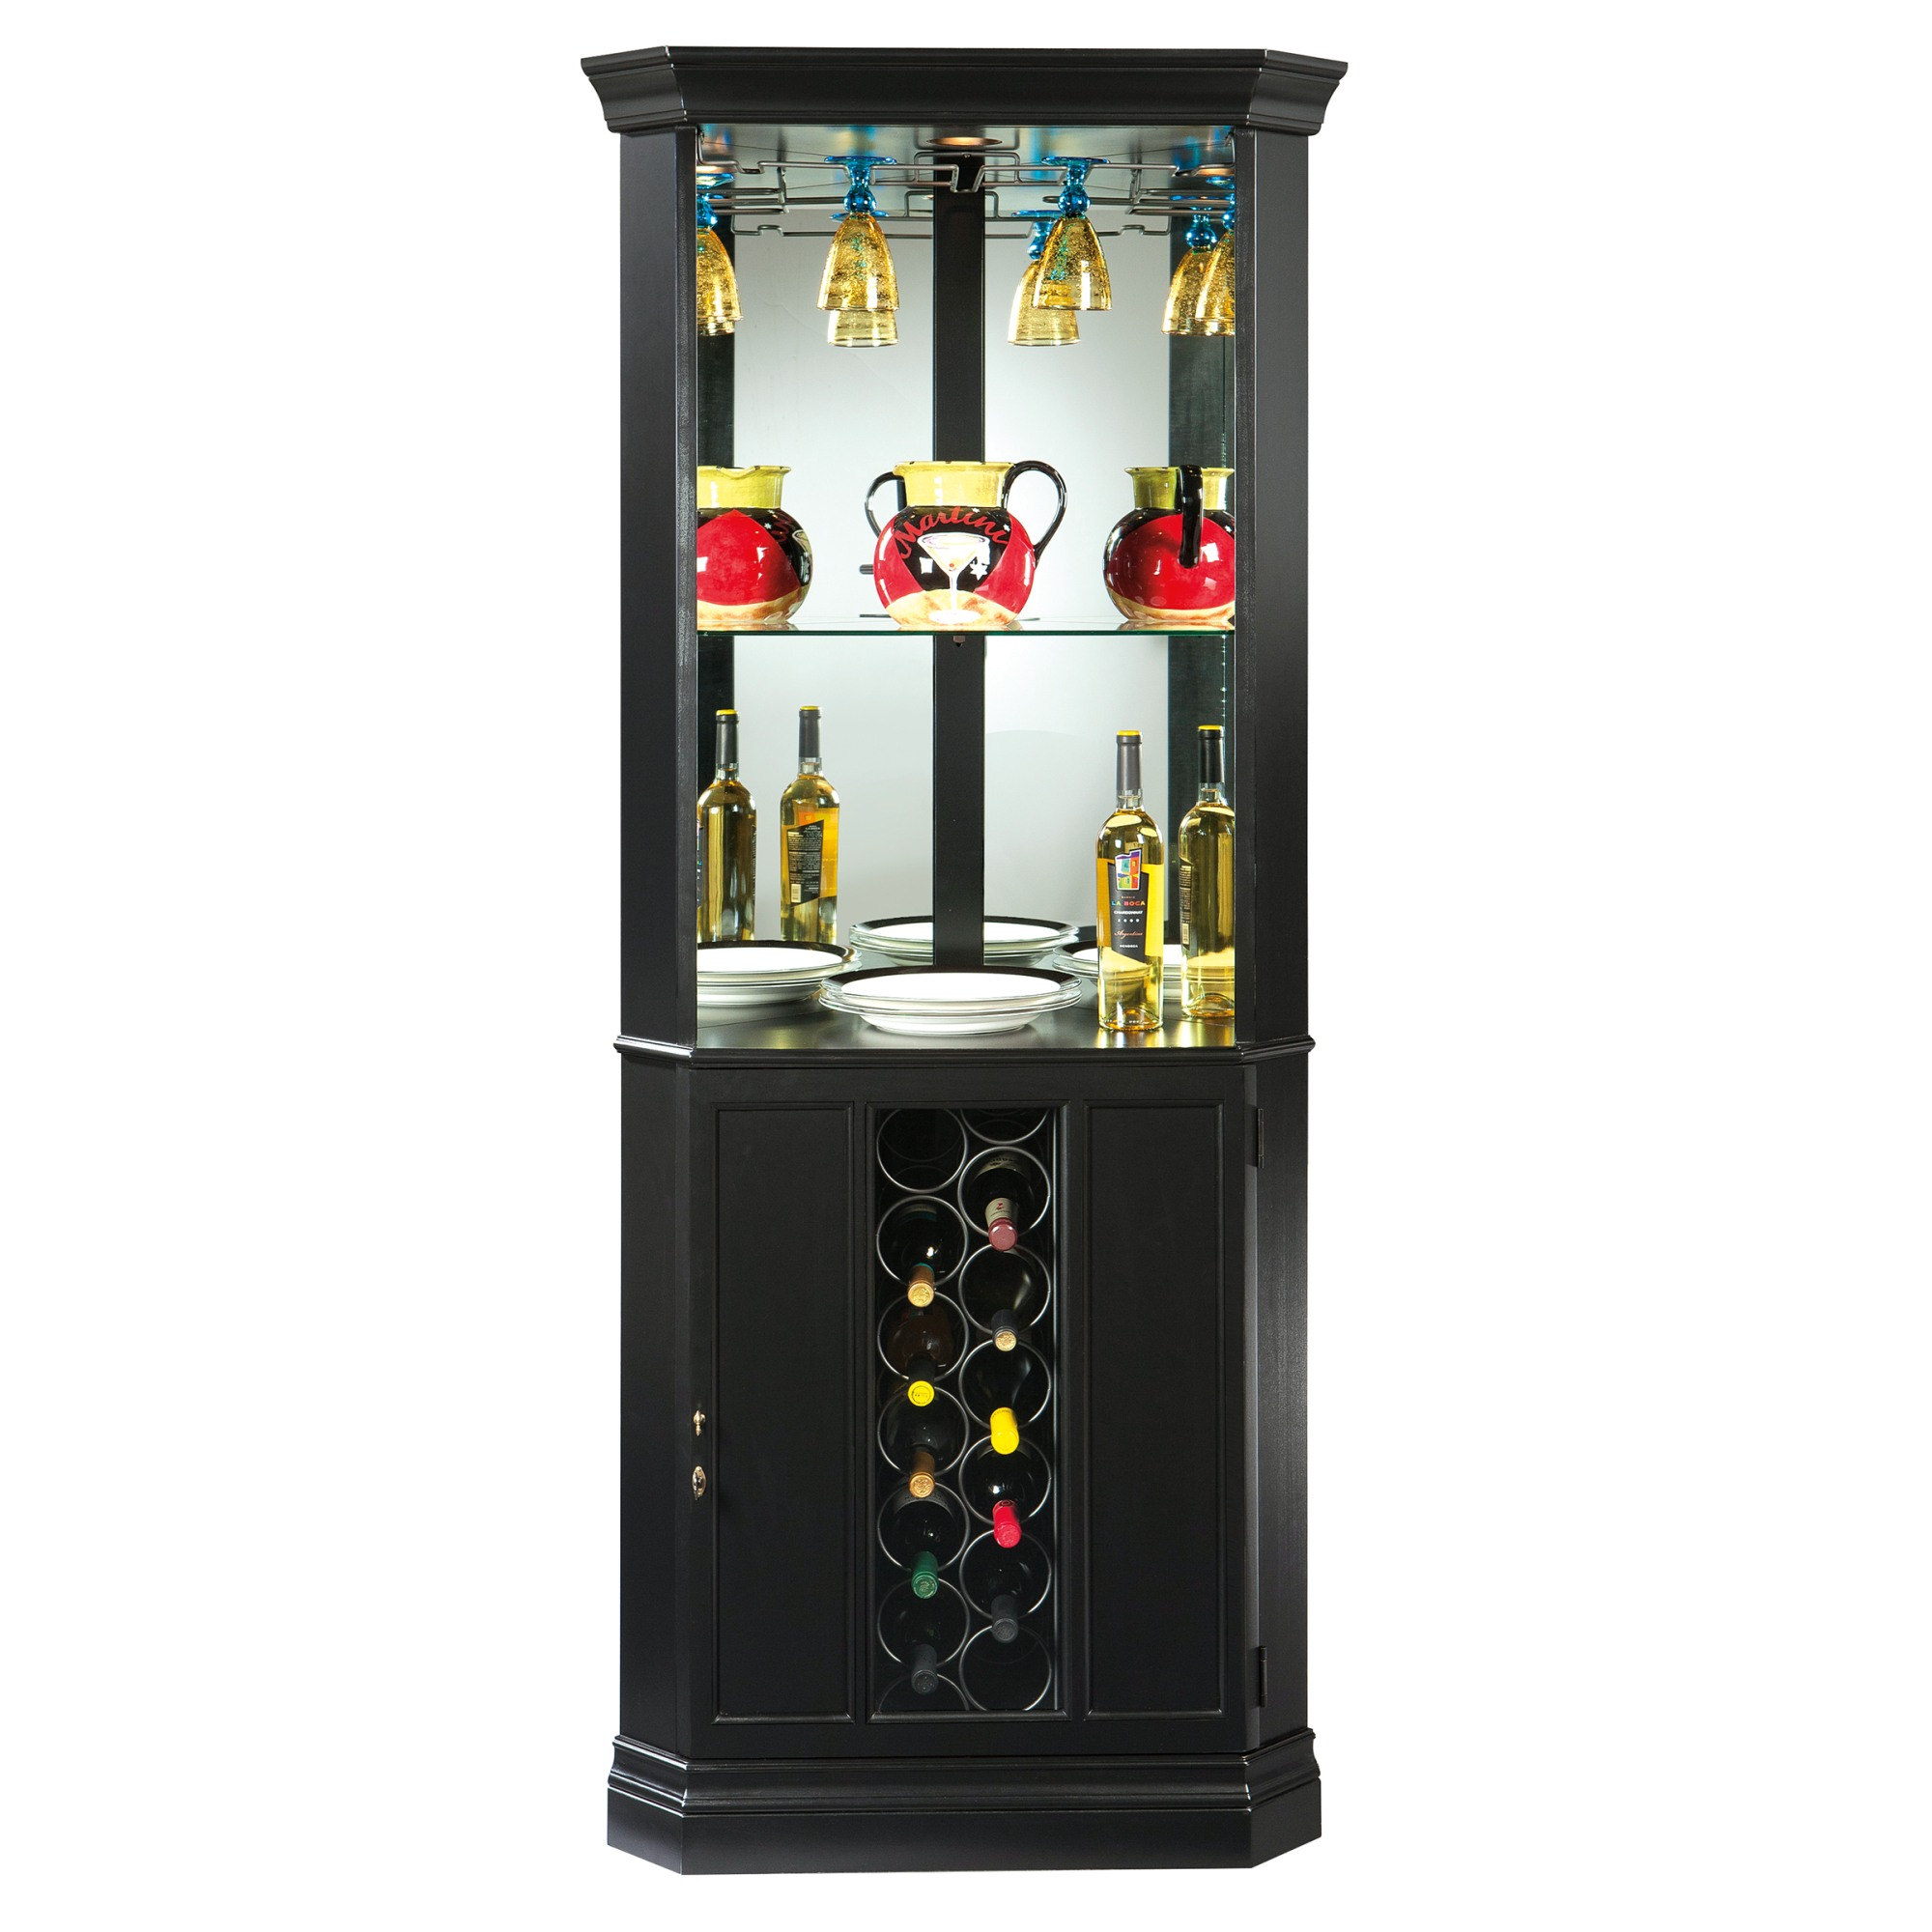 Image for 690-048 Piedmont VII Corner Wine & Bar Cabinet from Howard Miller Official Website